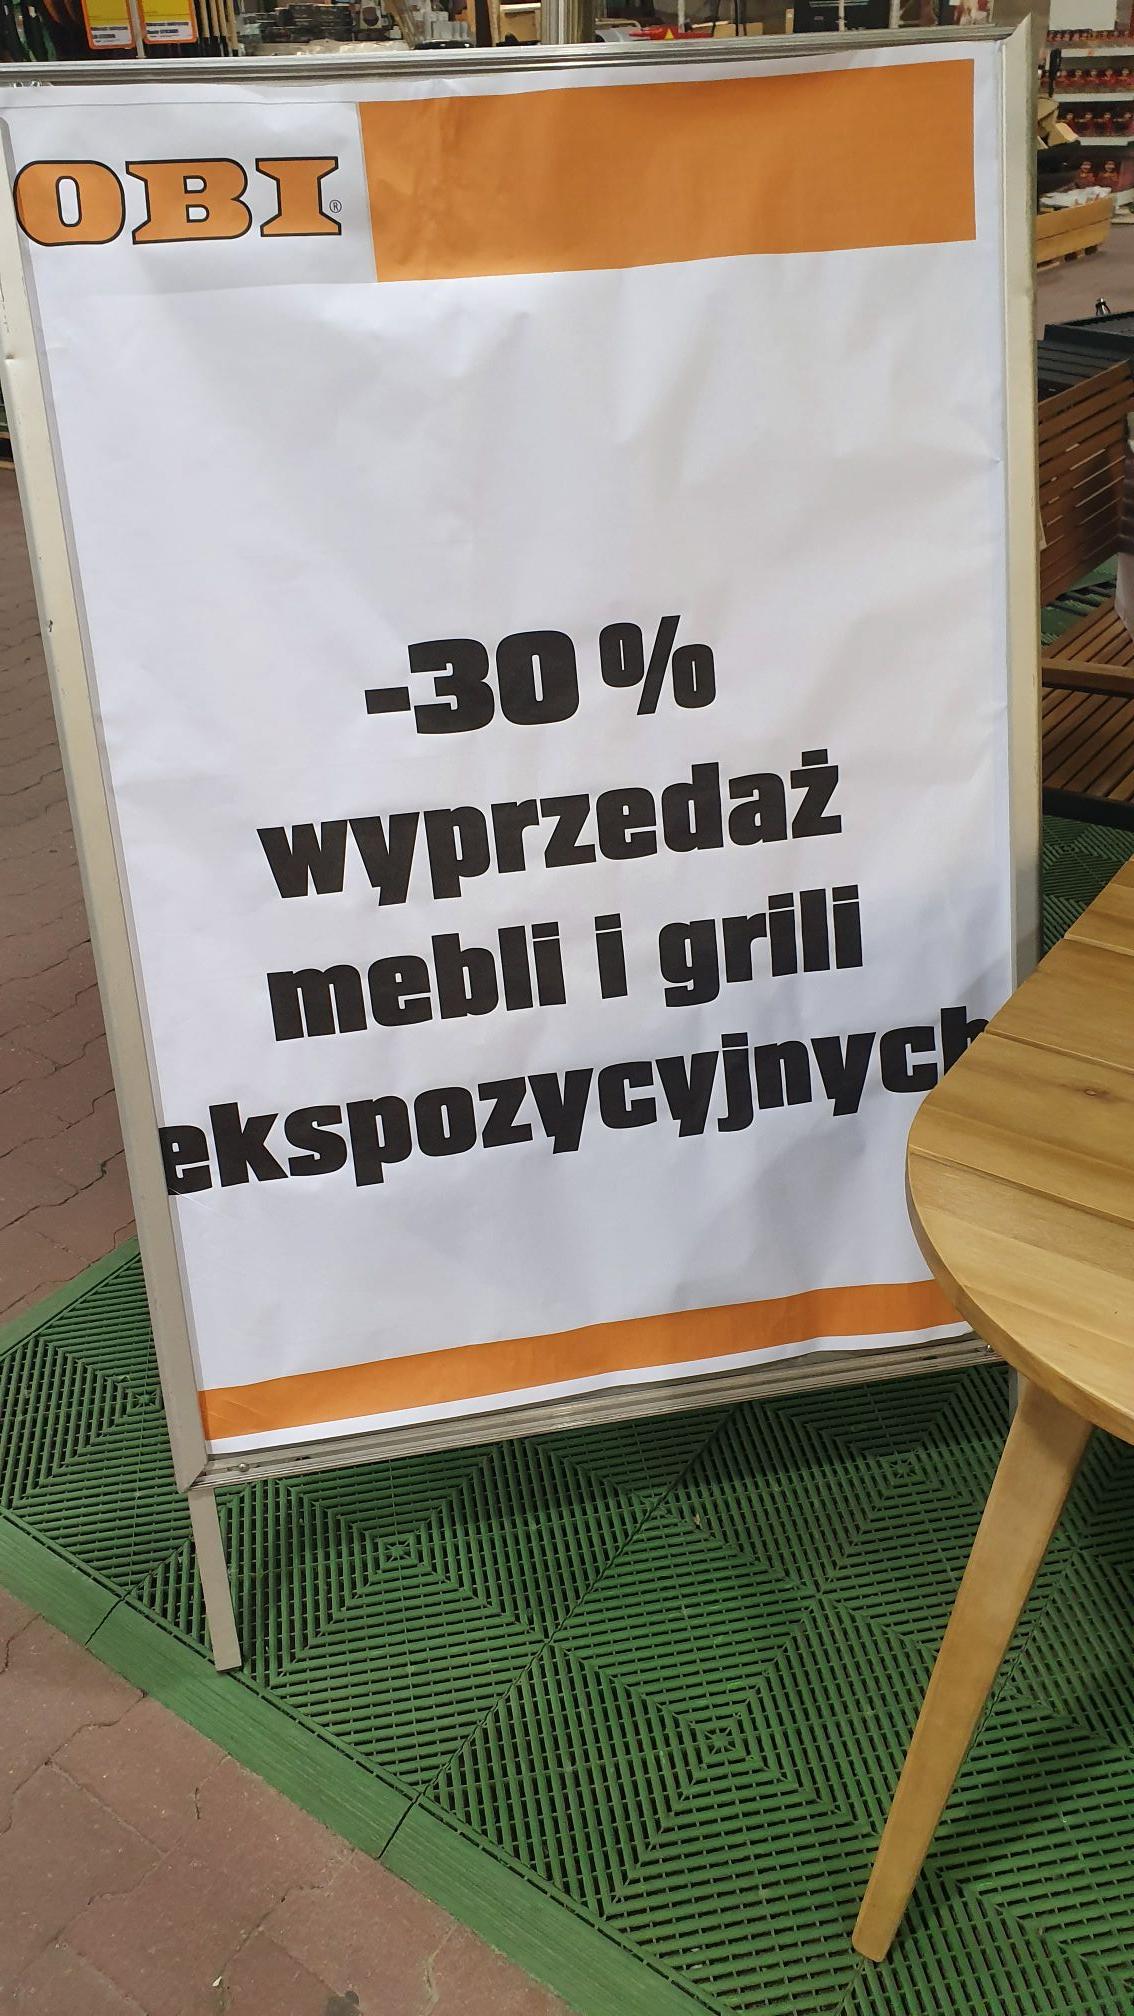 Wyprzedaż mebli i grilli w OBI -30%